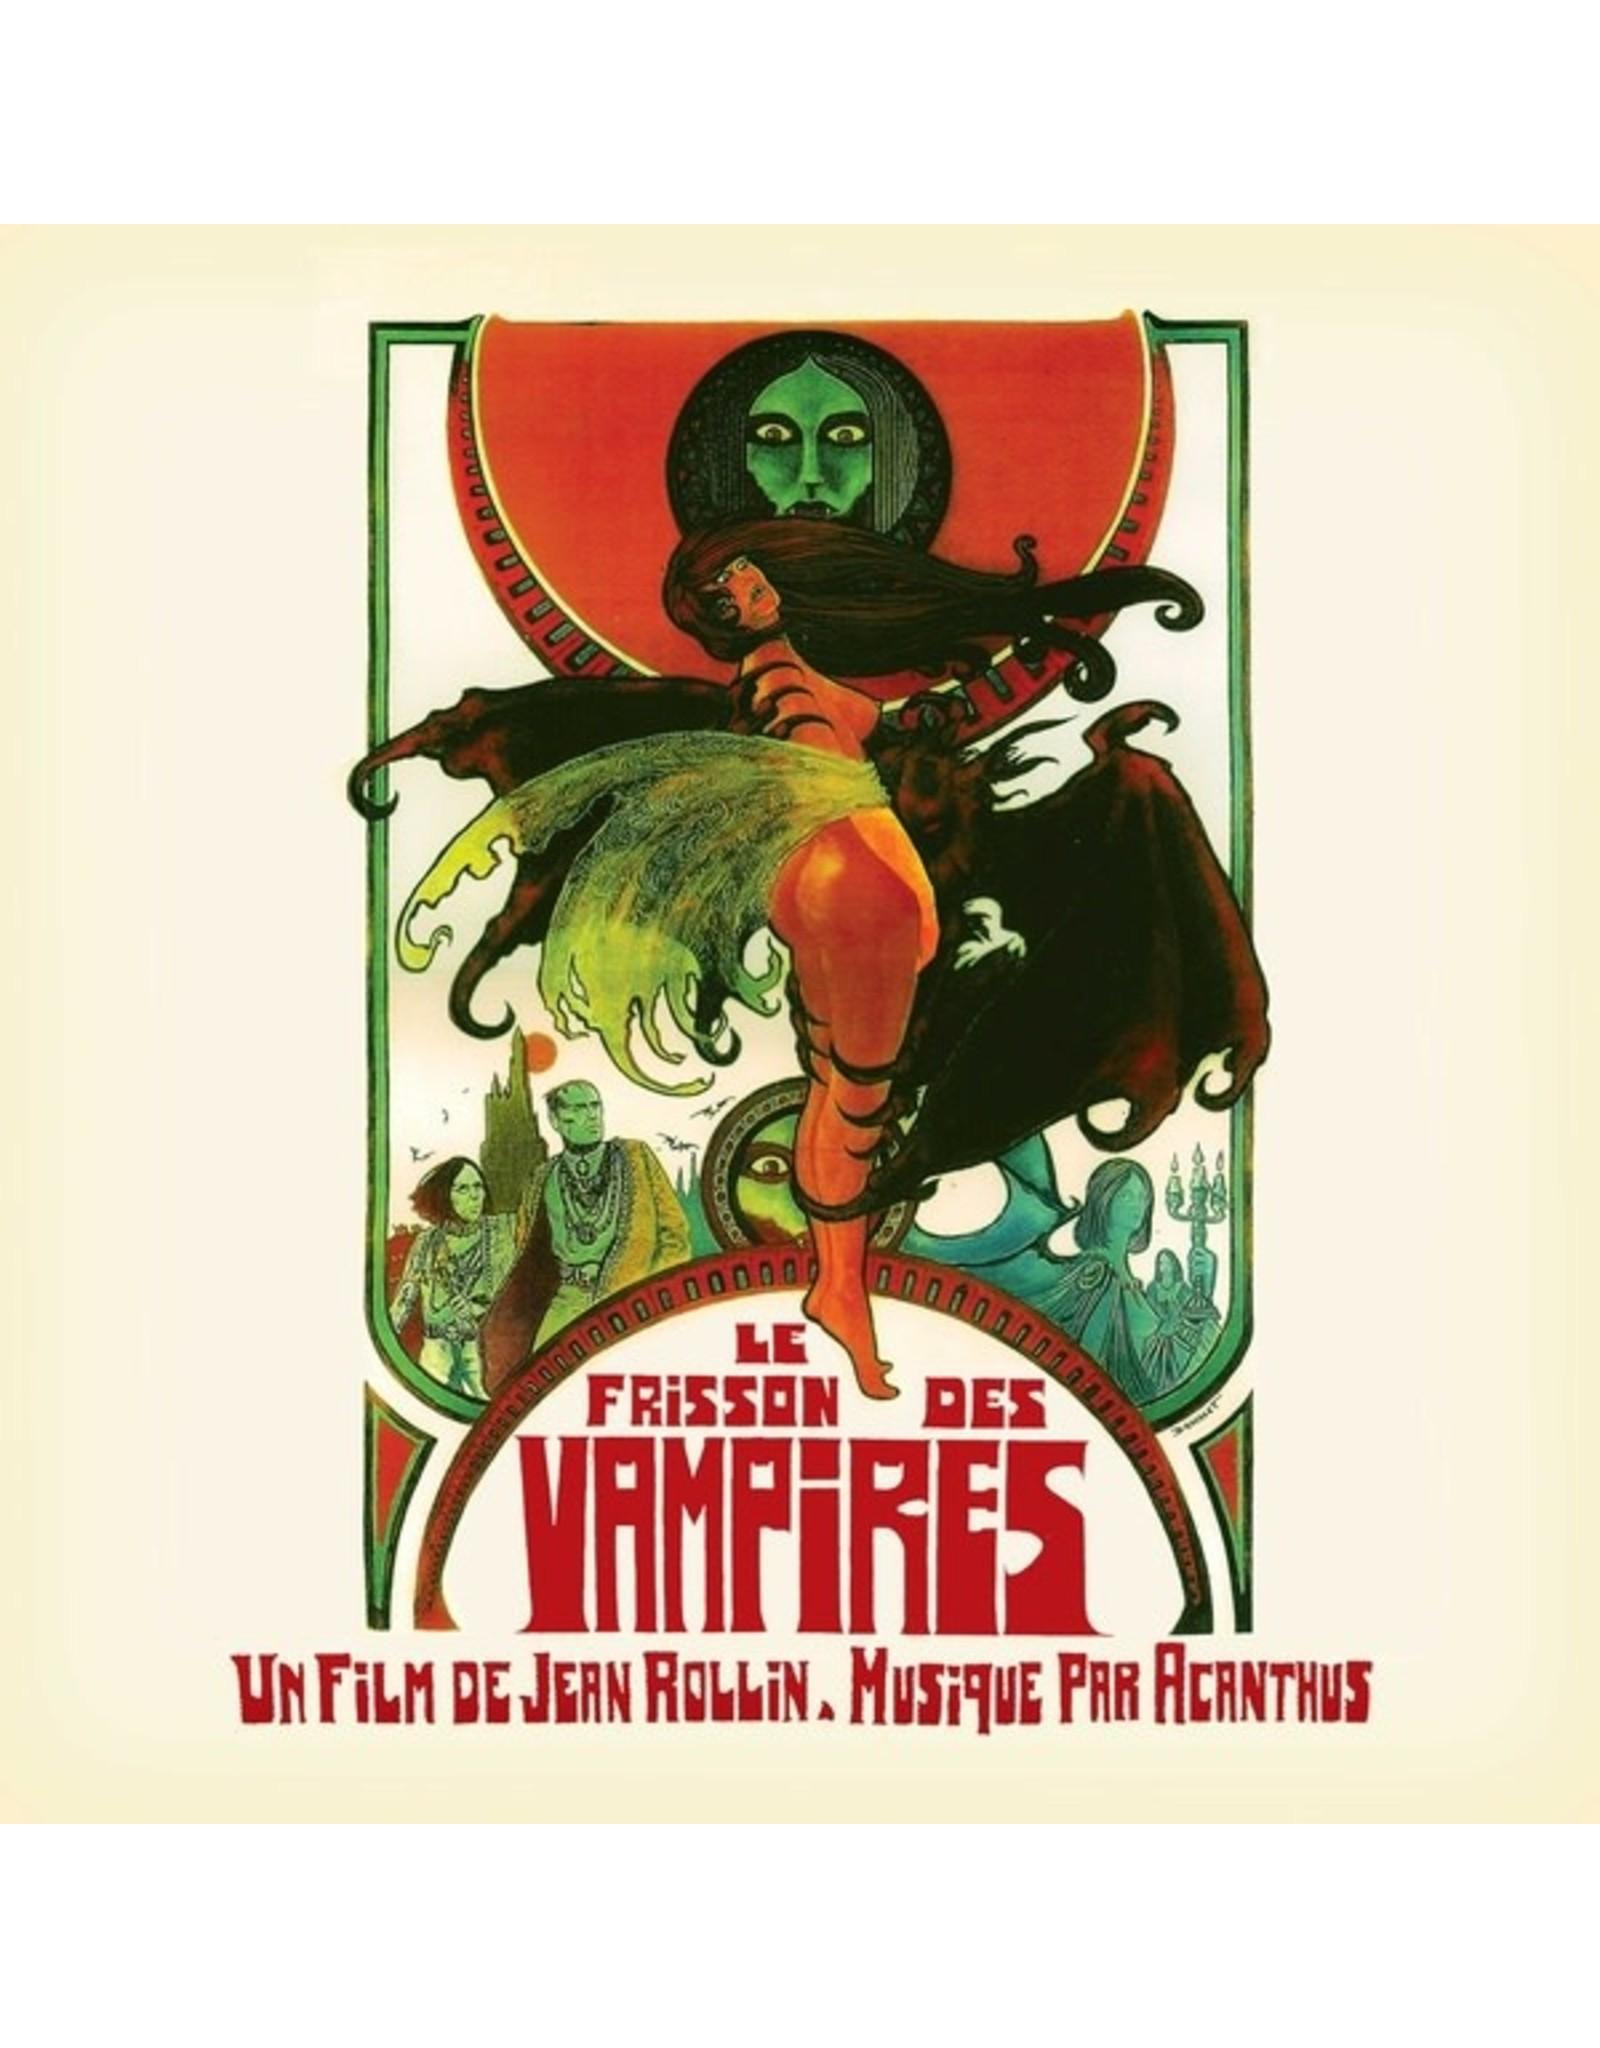 New Vinyl Acanthus - Le Frisson Des Vampires OST LP